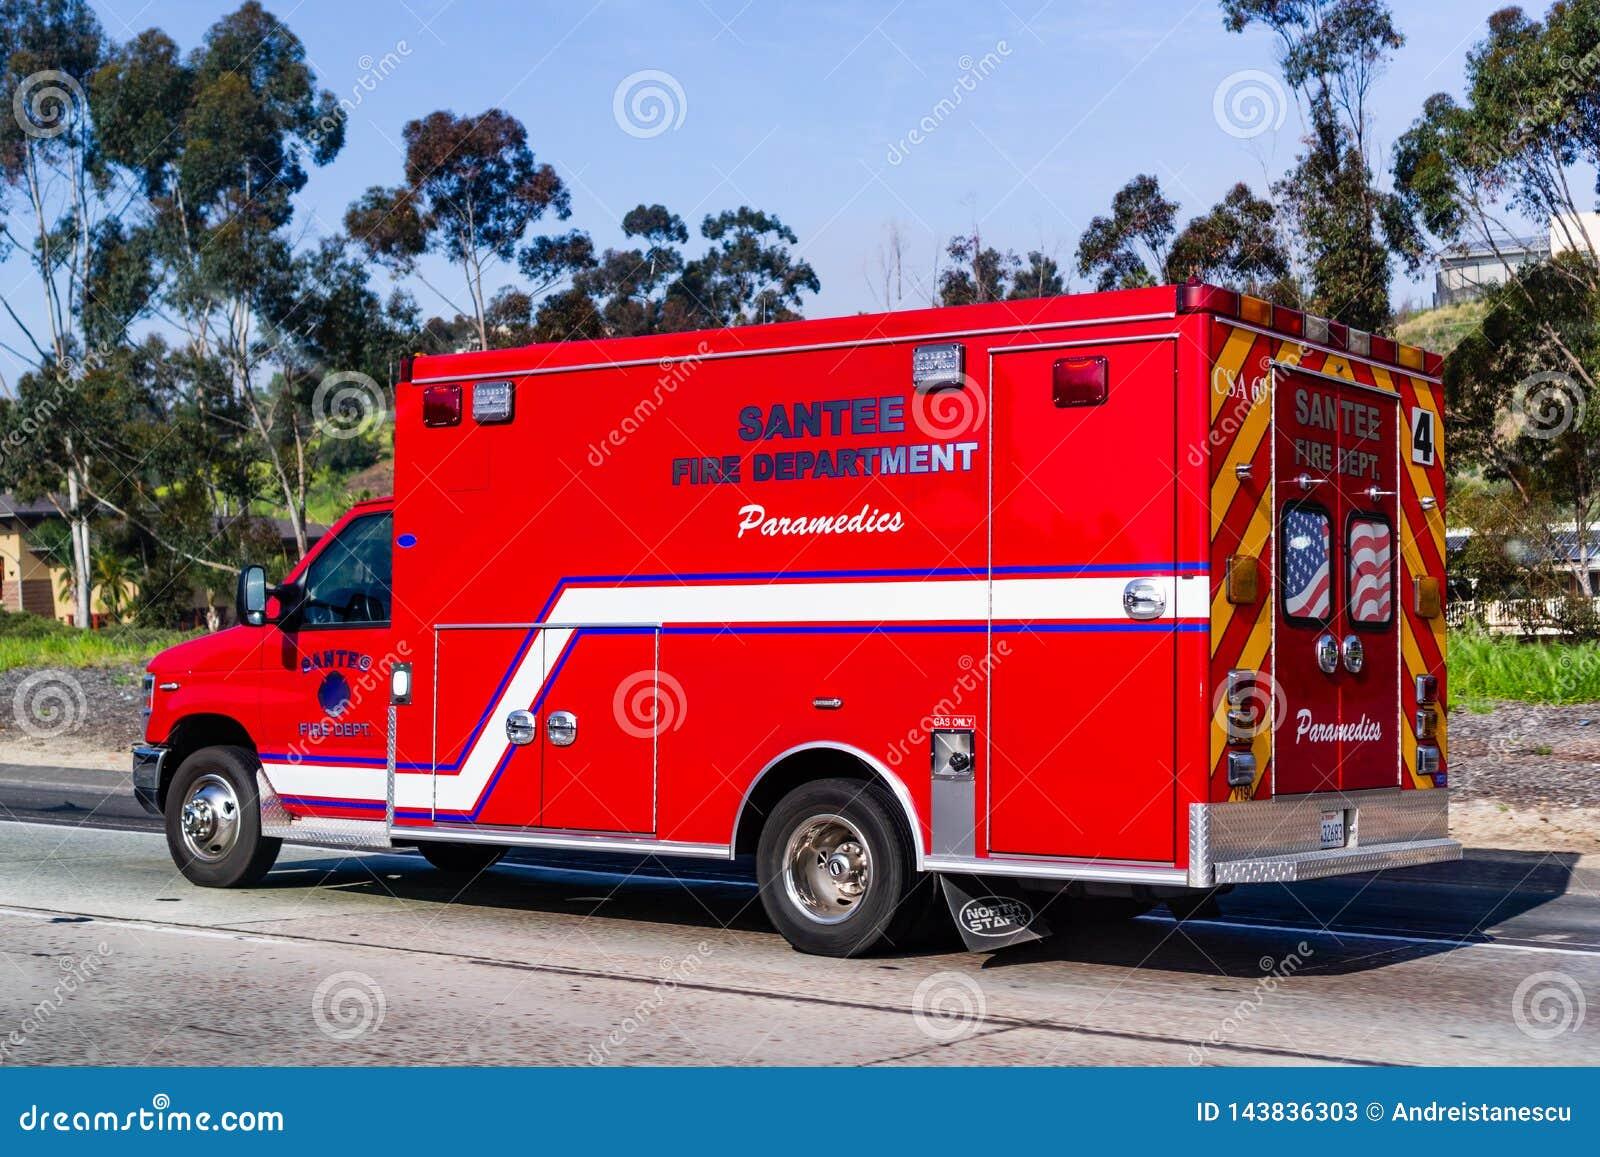 19 marzo 2019 Santee/CA/U.S.A. - azionamento di veicolo dei paramedici di Deparment del fuoco su una via